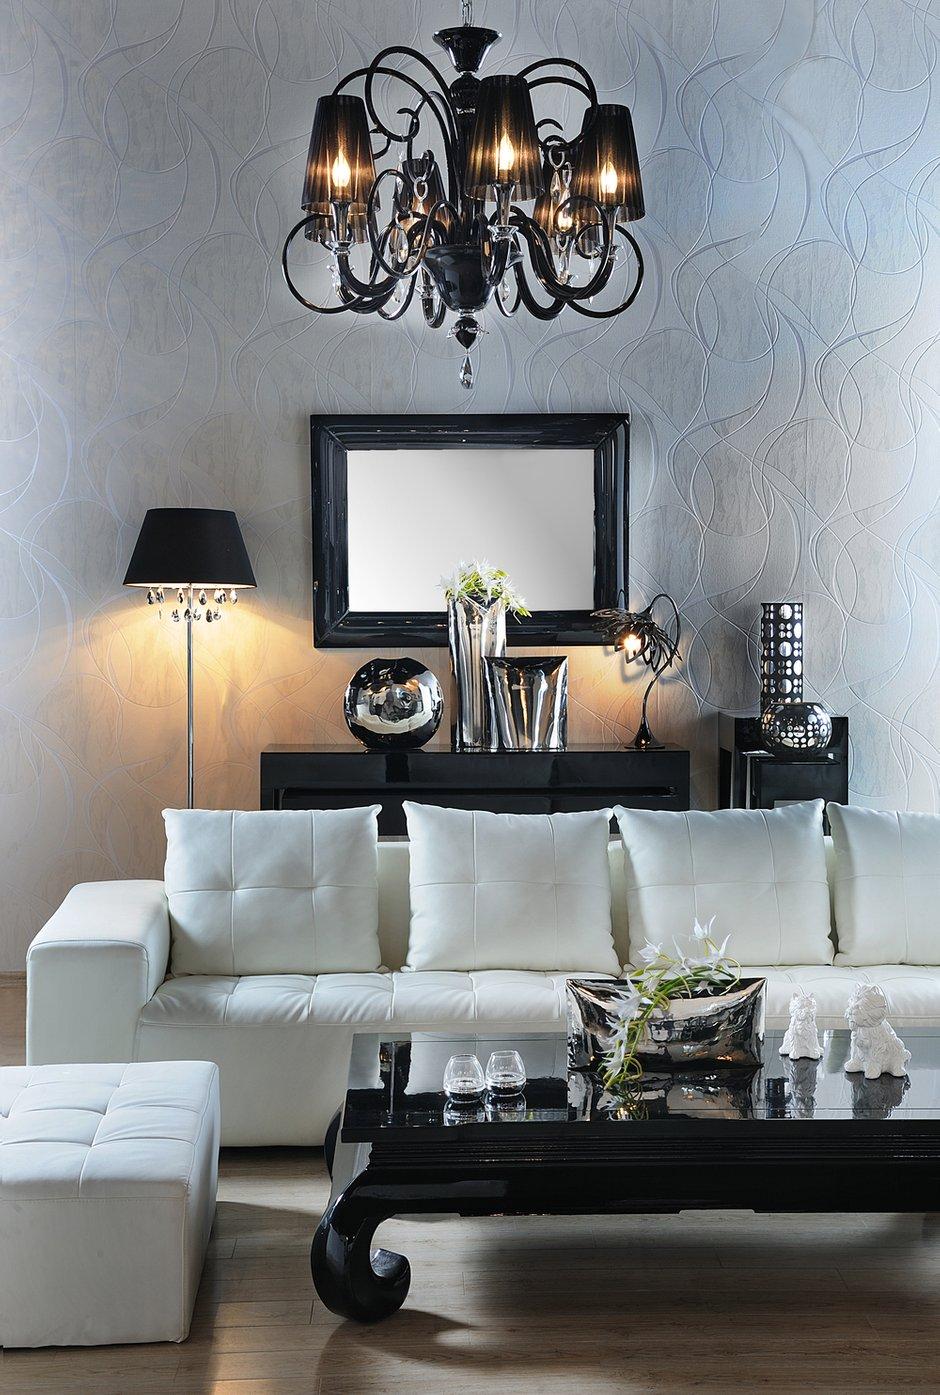 Фотография: Гостиная в стиле Классический, Современный, Эклектика, Декор интерьера, Квартира, Дом, Дизайн интерьера, Цвет в интерьере – фото на INMYROOM